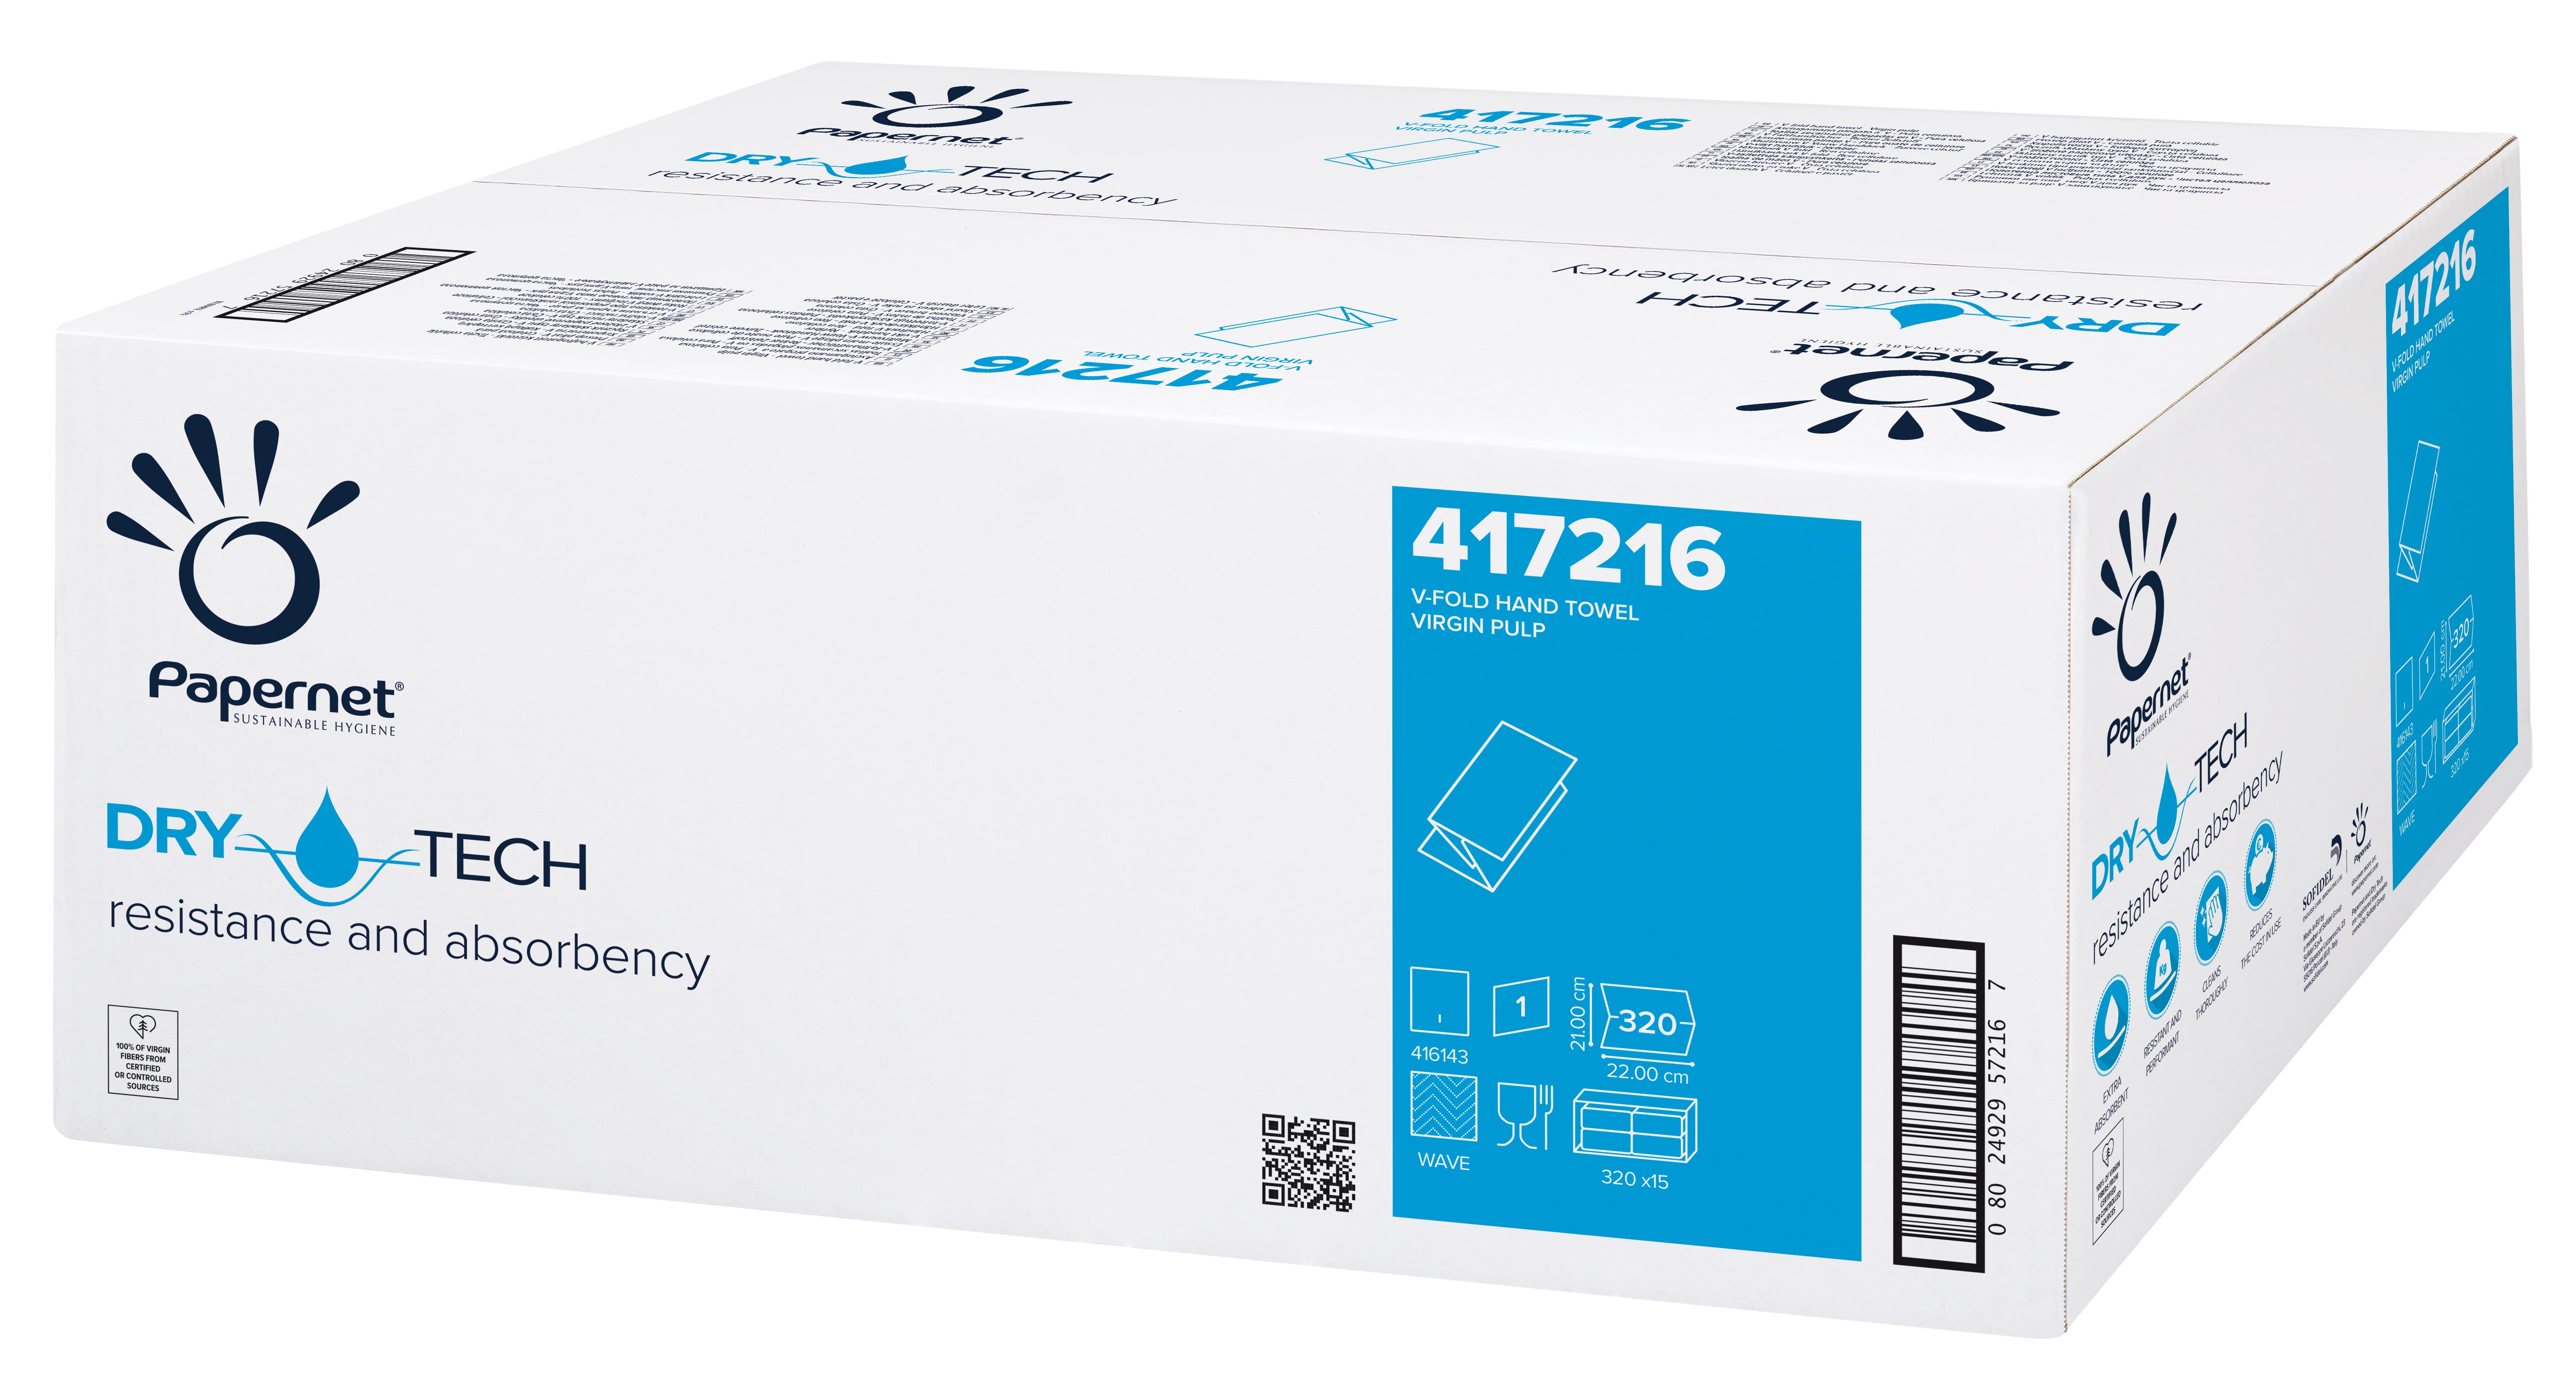 Papernet® Lehtkätepaber, V, DryTech, kastis 15pk x 320 lehte, 1-kihiline, valge